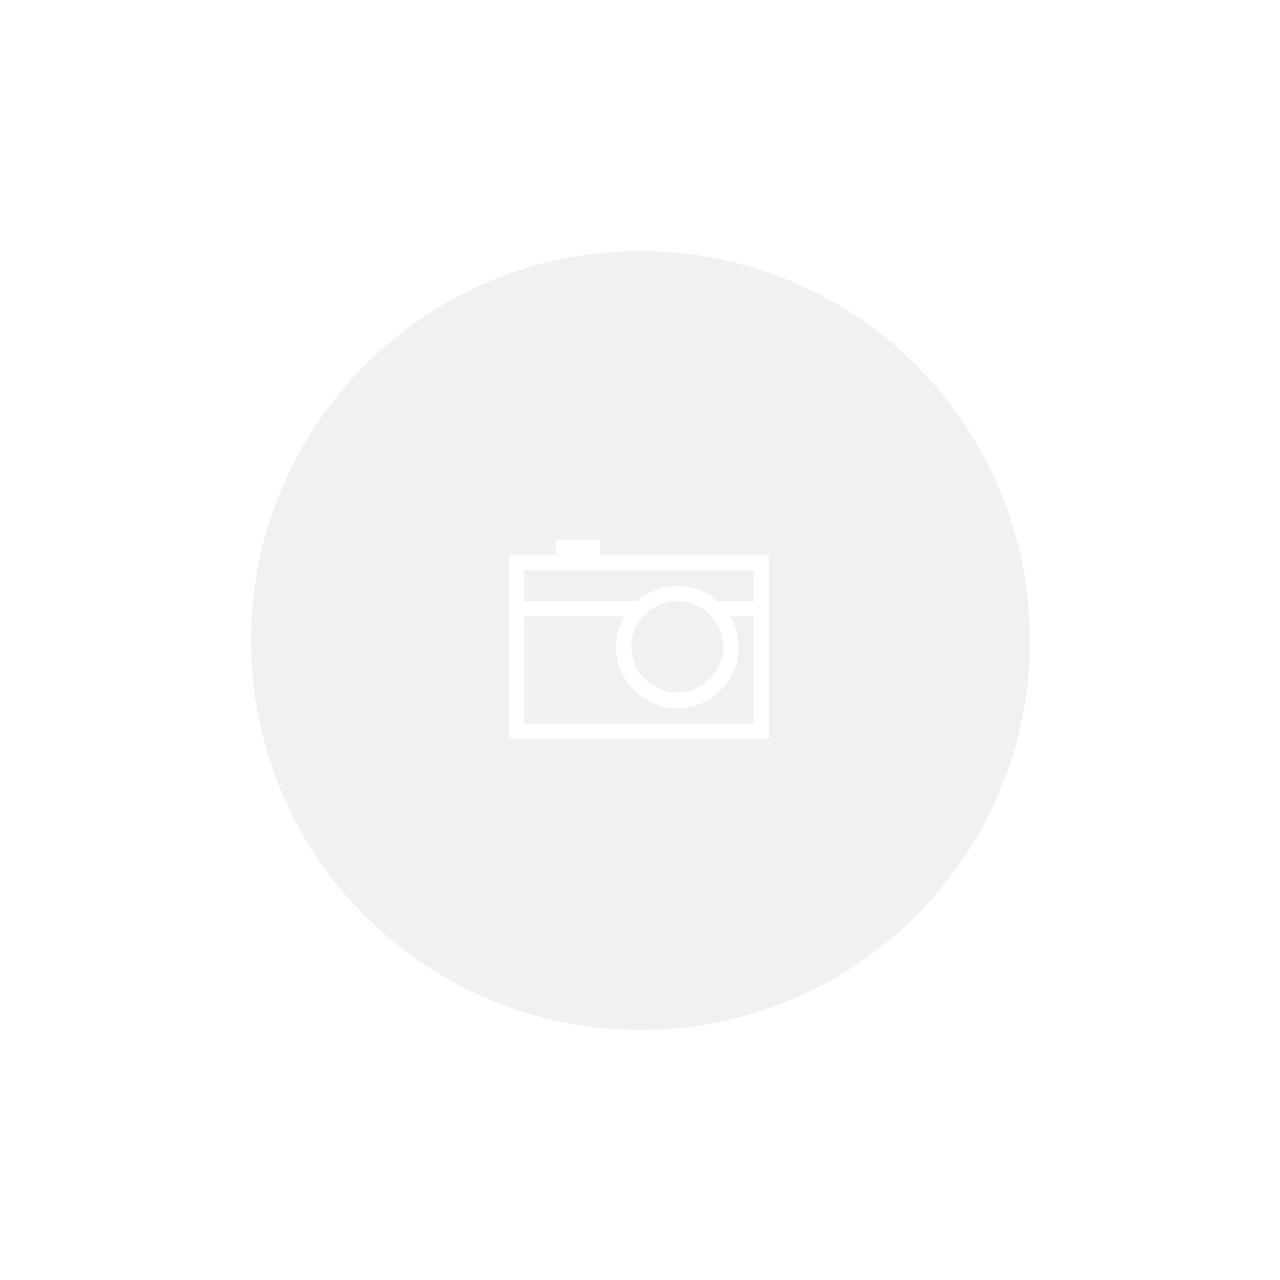 BICICLETA 29 BMC FOURSTROKE 01-ONE 2019 12V EAGLE XX1